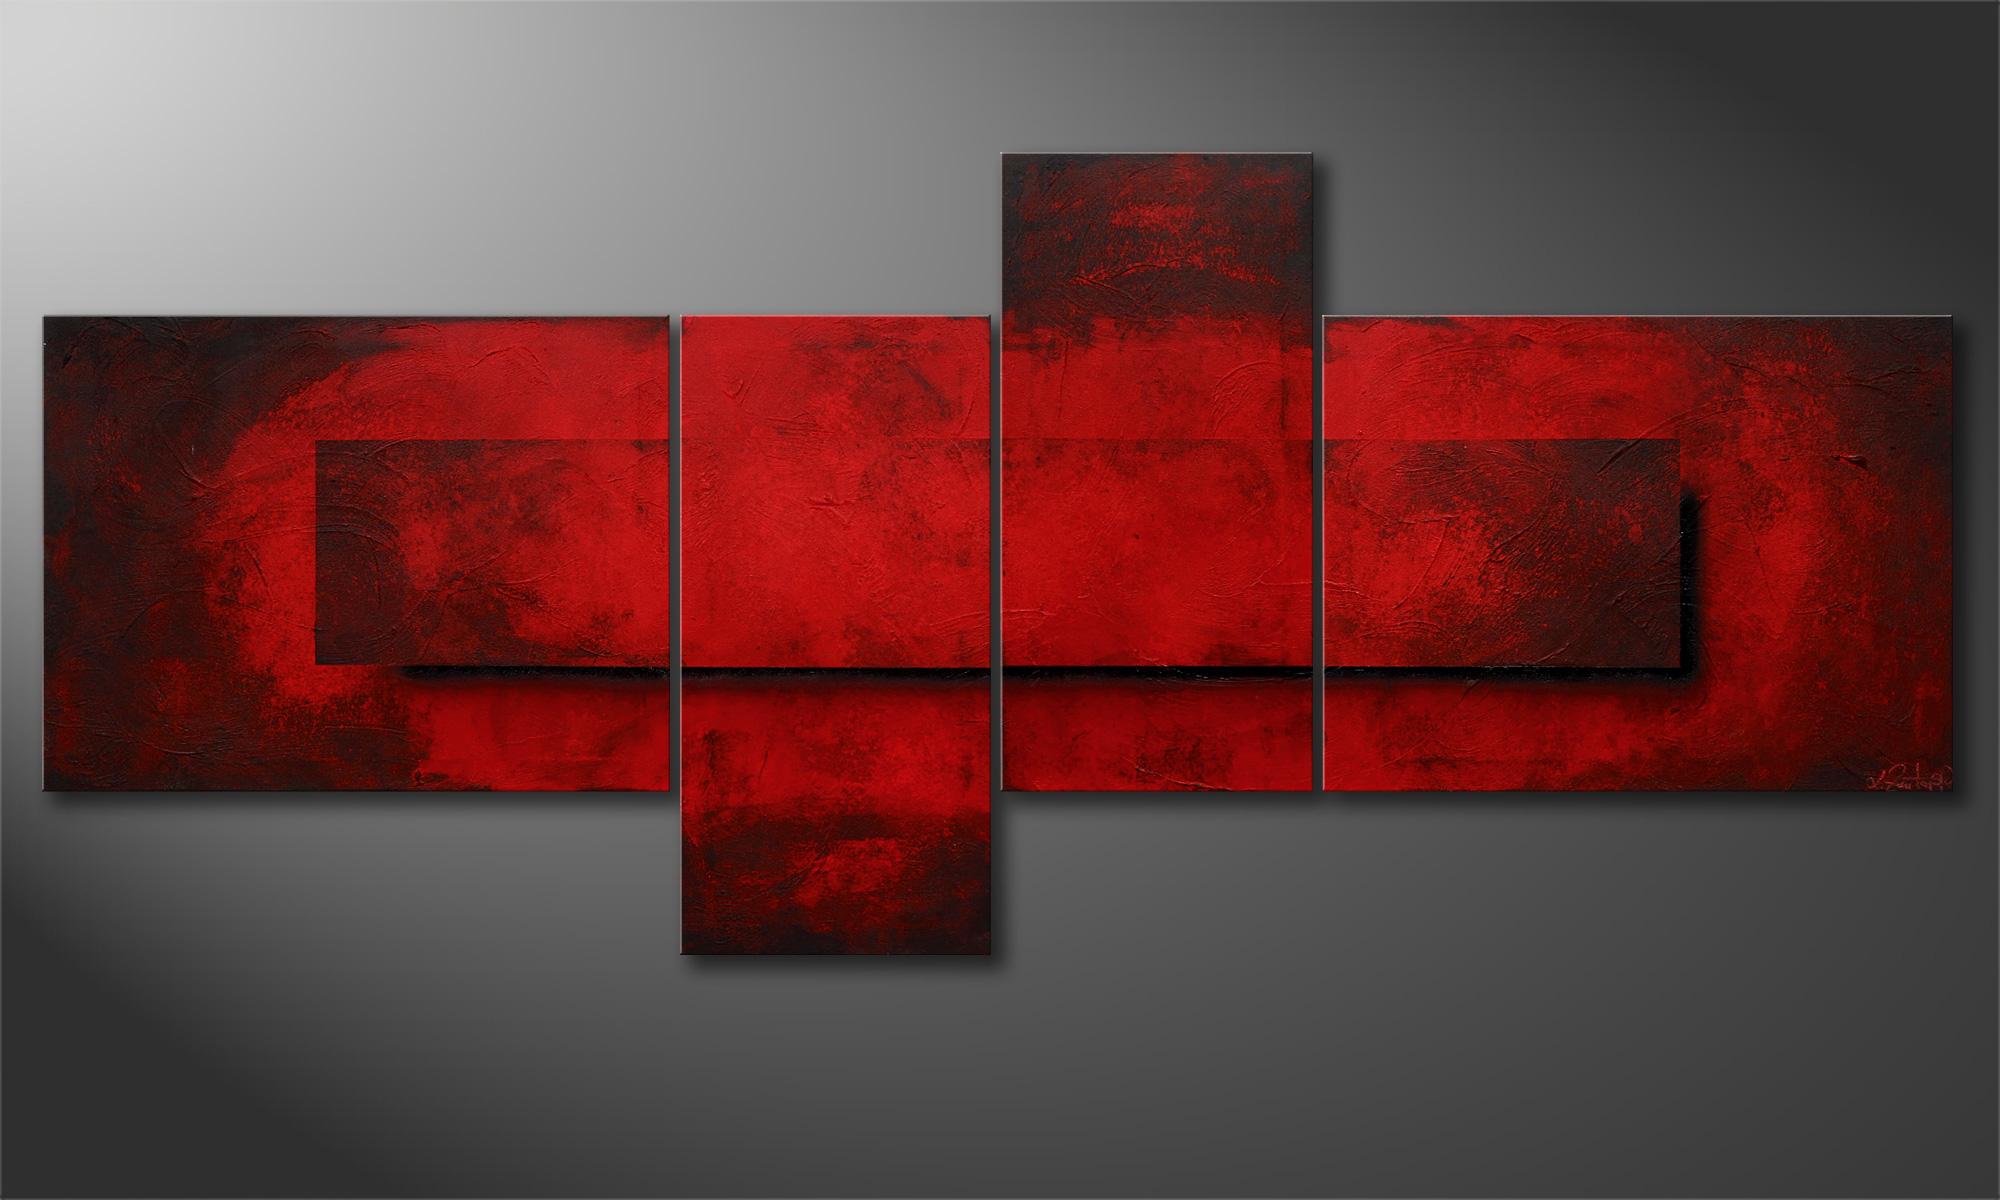 moderne malerei xxl leinwandbilder auf keilrahmen mit blumenmotiven xxl leinwandbilder mehrteilig. Black Bedroom Furniture Sets. Home Design Ideas